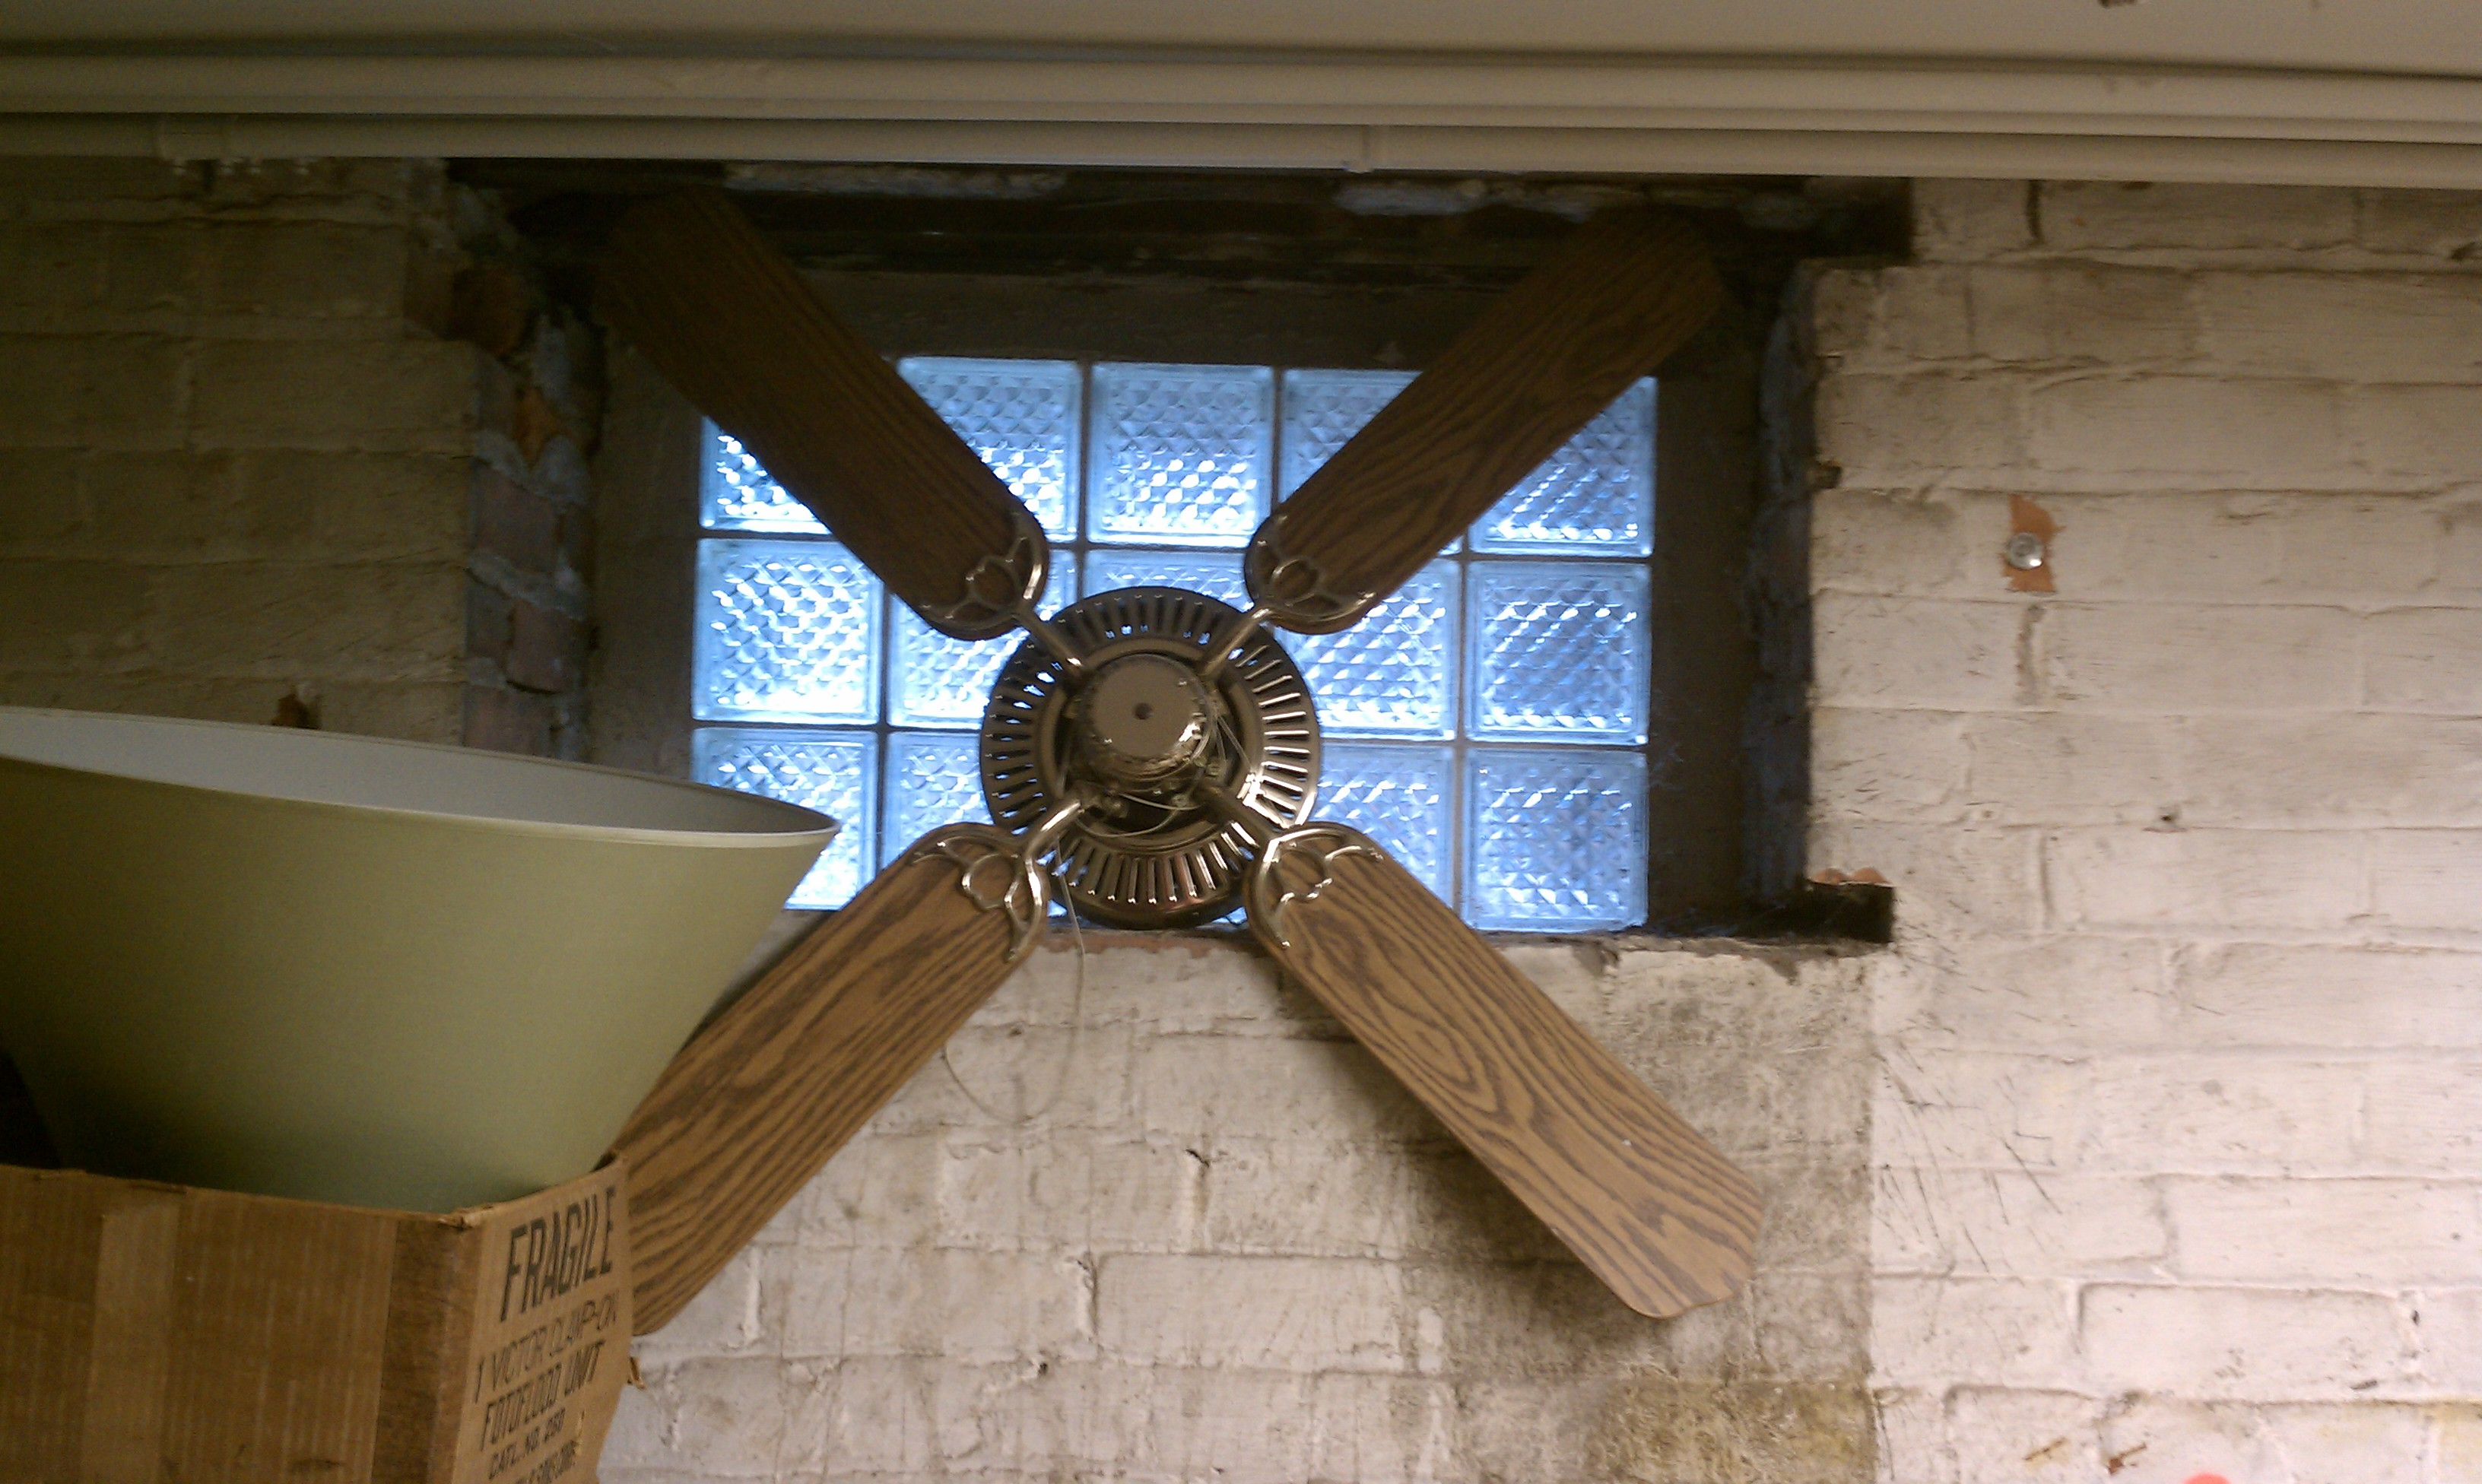 file ceiling fan in a basement wikimedia commons